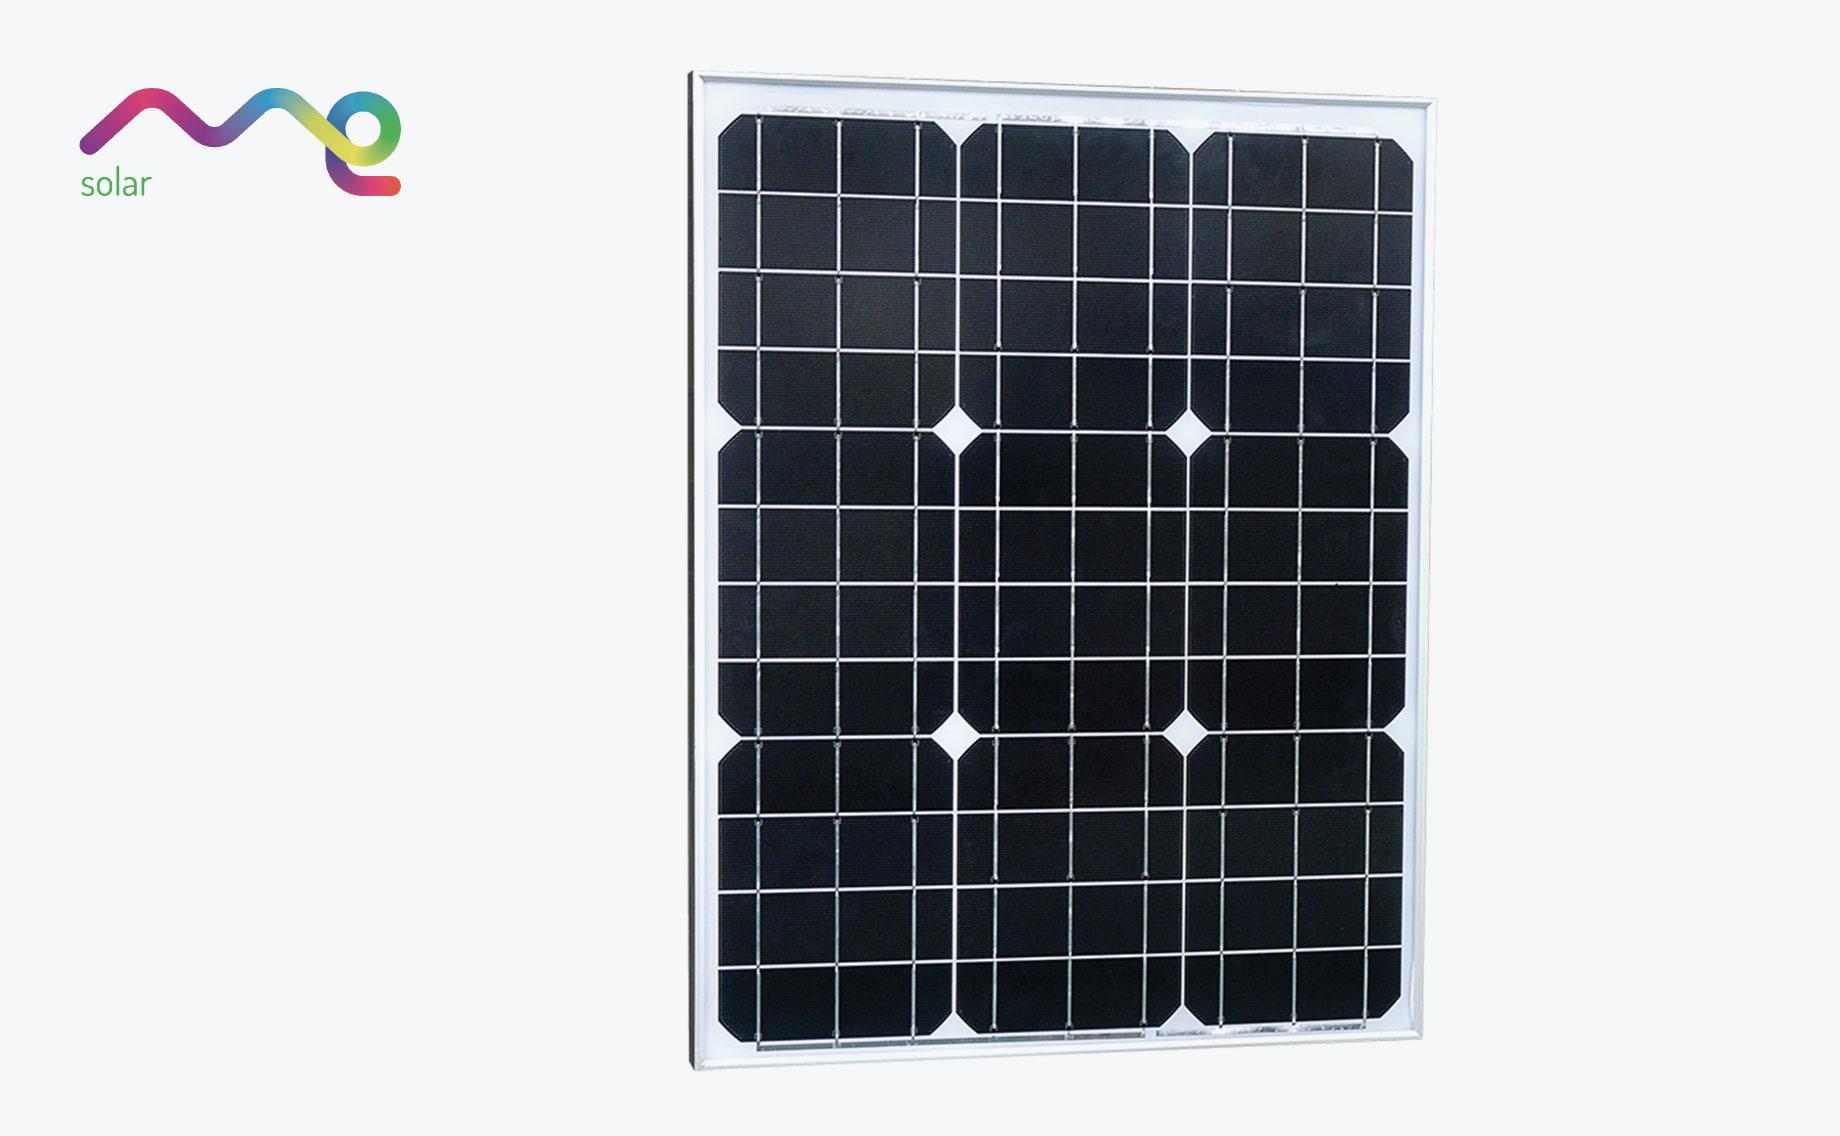 Paneles me solar bornay es - Www wayook es panel ...